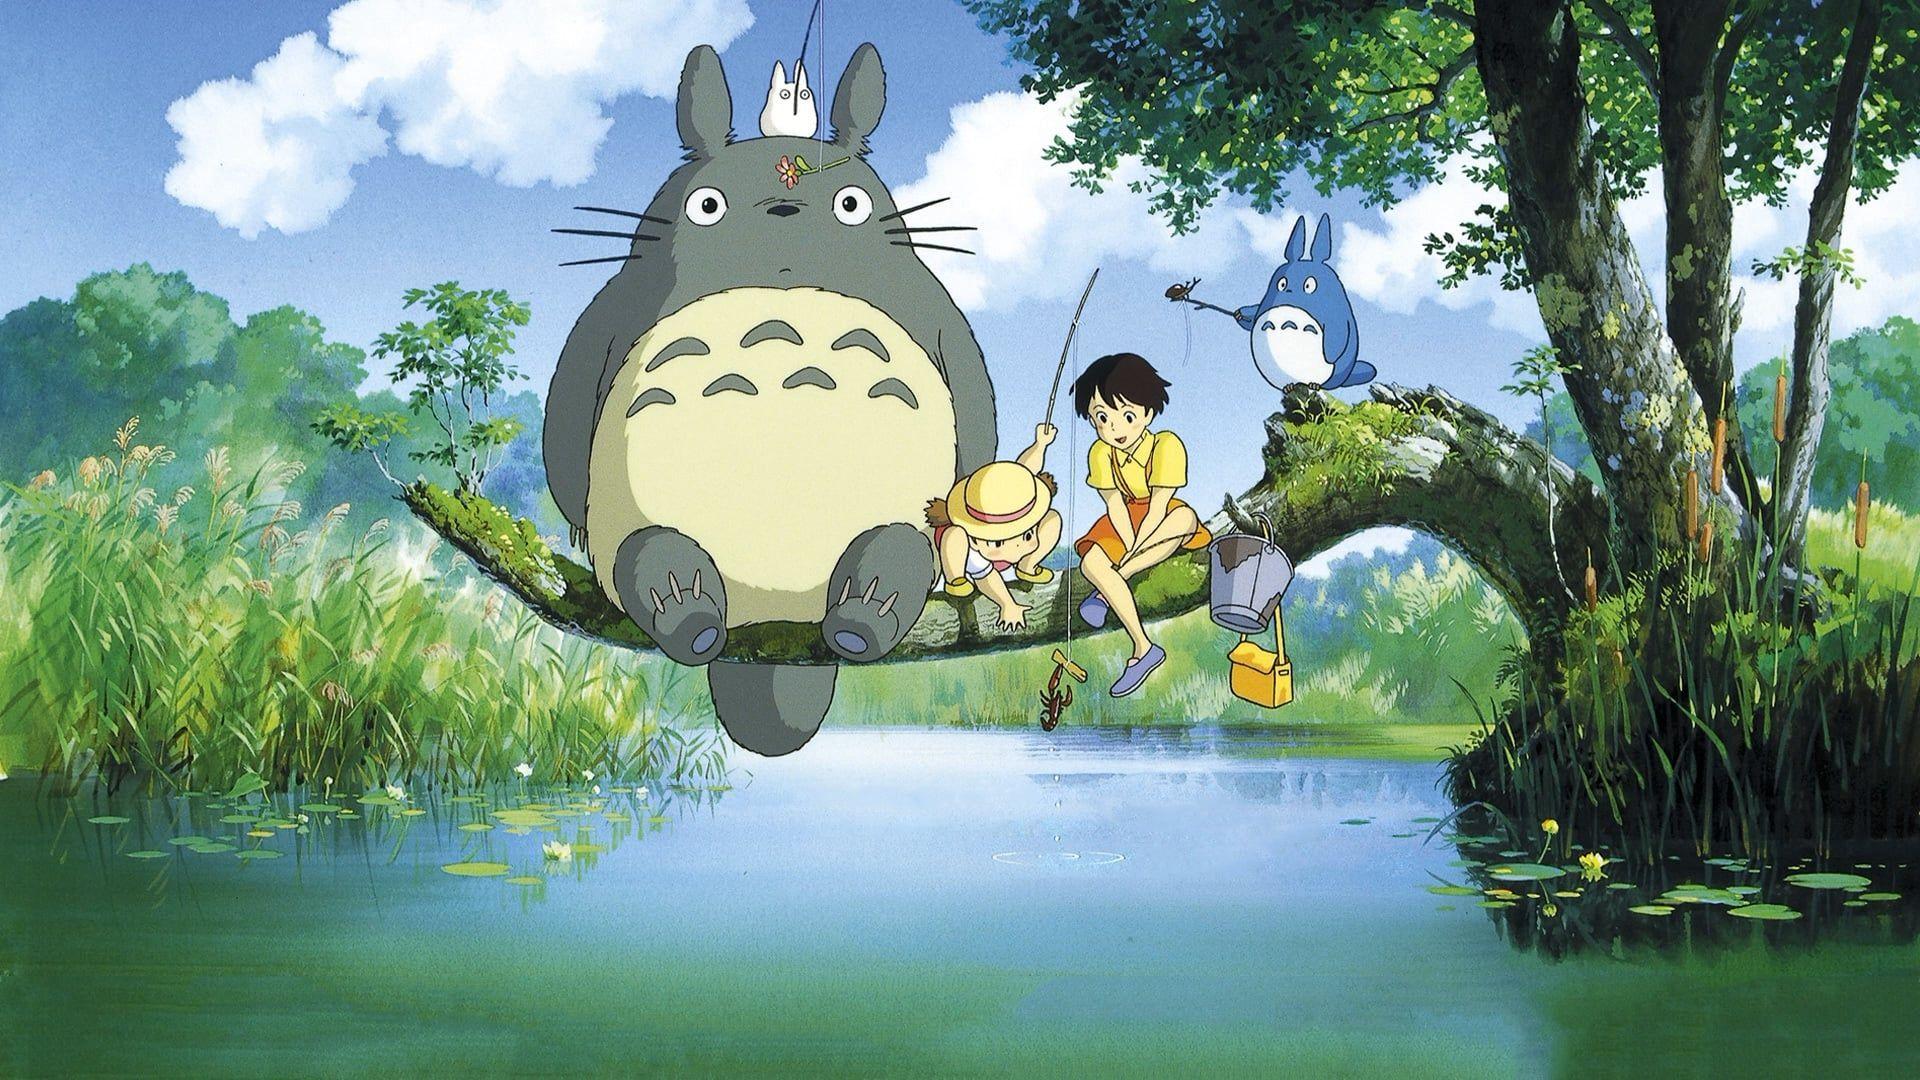 Imagem Relacionada Studio Ghibli Films Totoro Ghibli